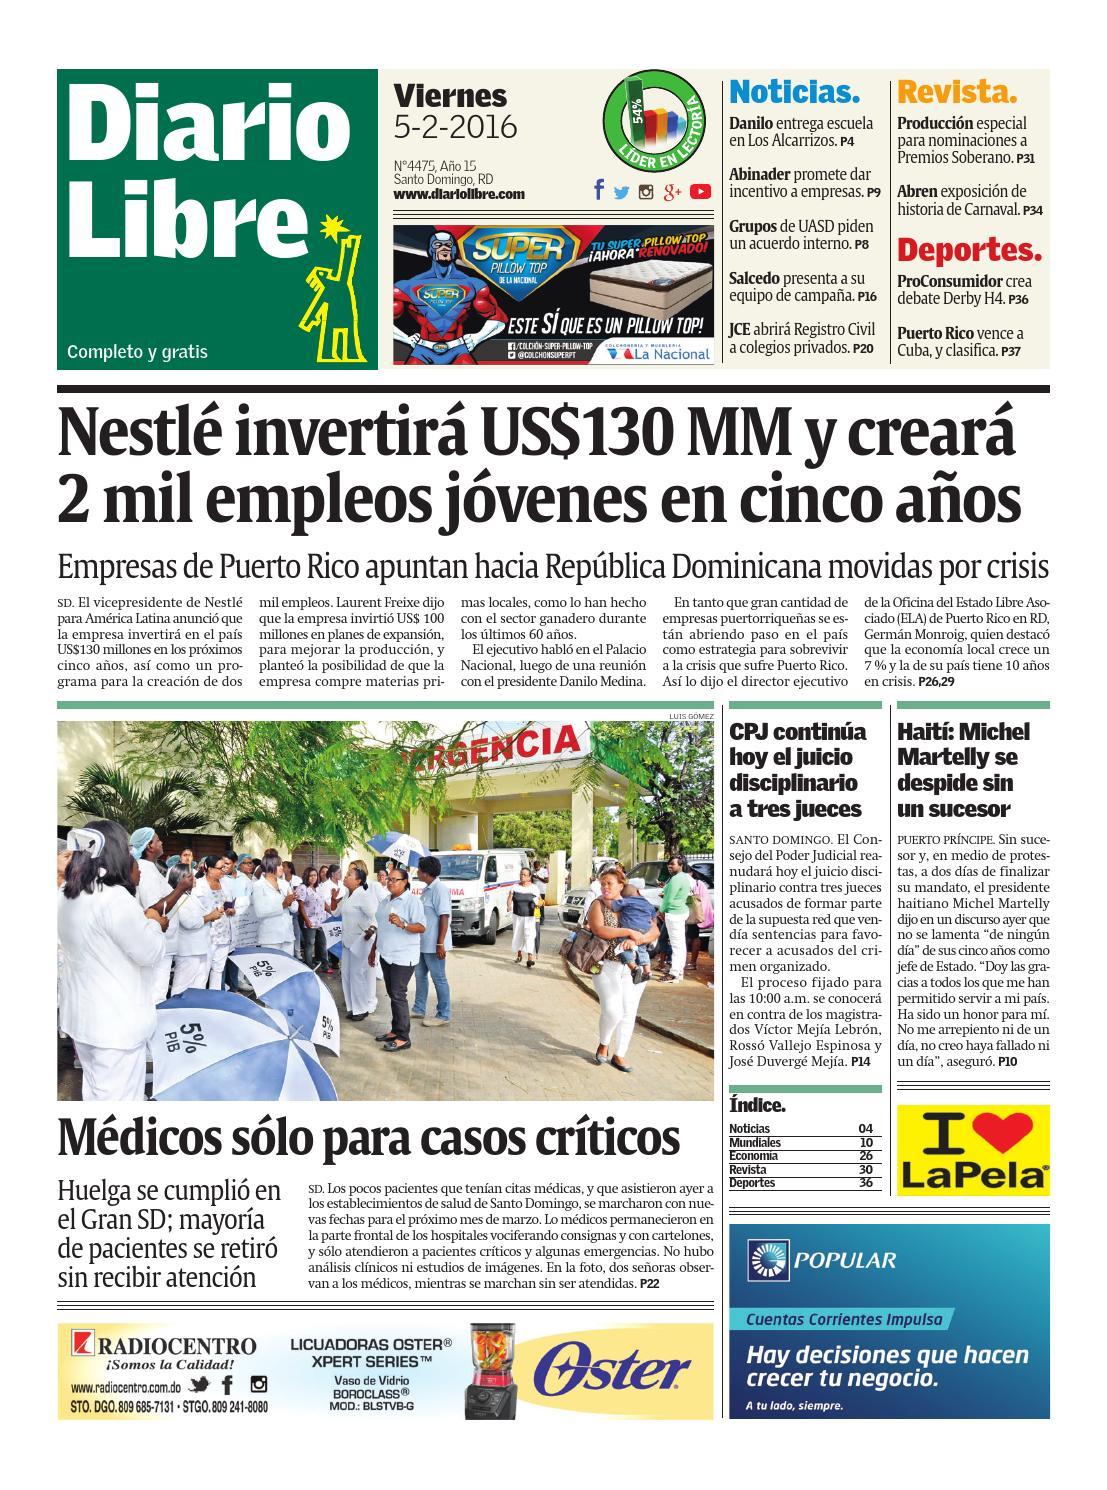 Diariolibre4475 by Grupo Diario Libre, S. A. - issuu